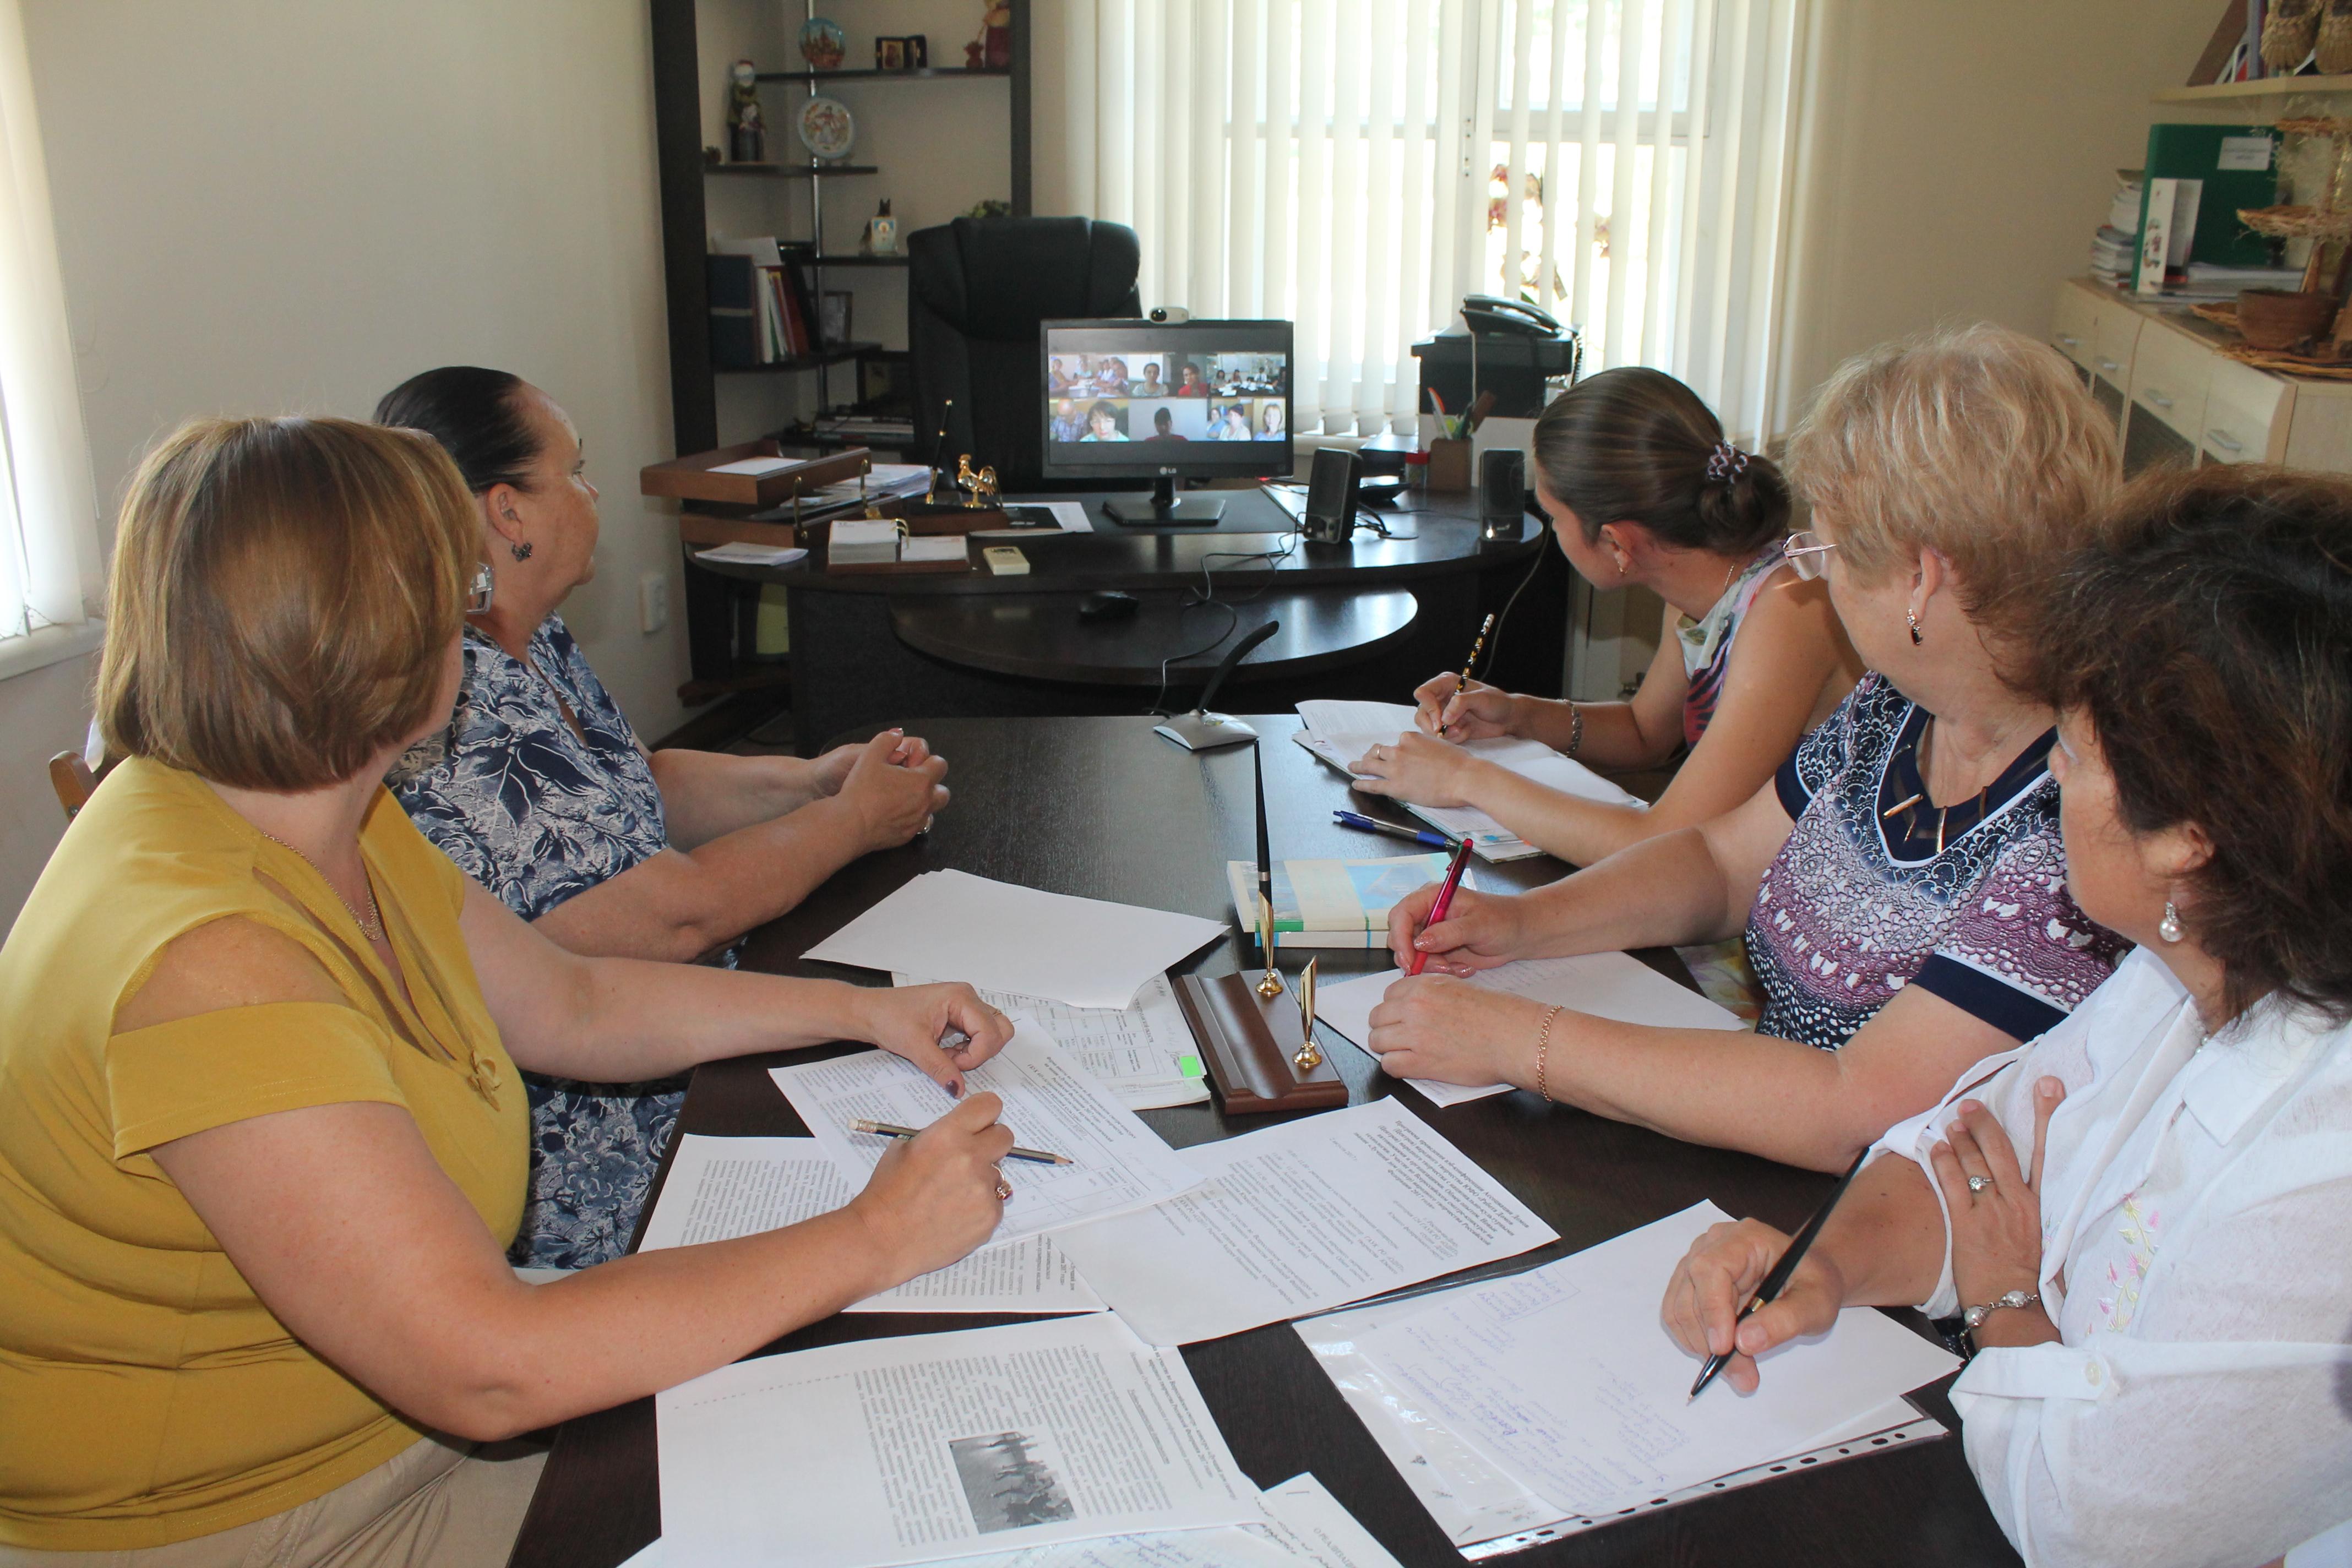 2 августа Астраханский областной научно-методический центр принял участие в веб-конференции Ассоциации Домов (Центров) народного творчества